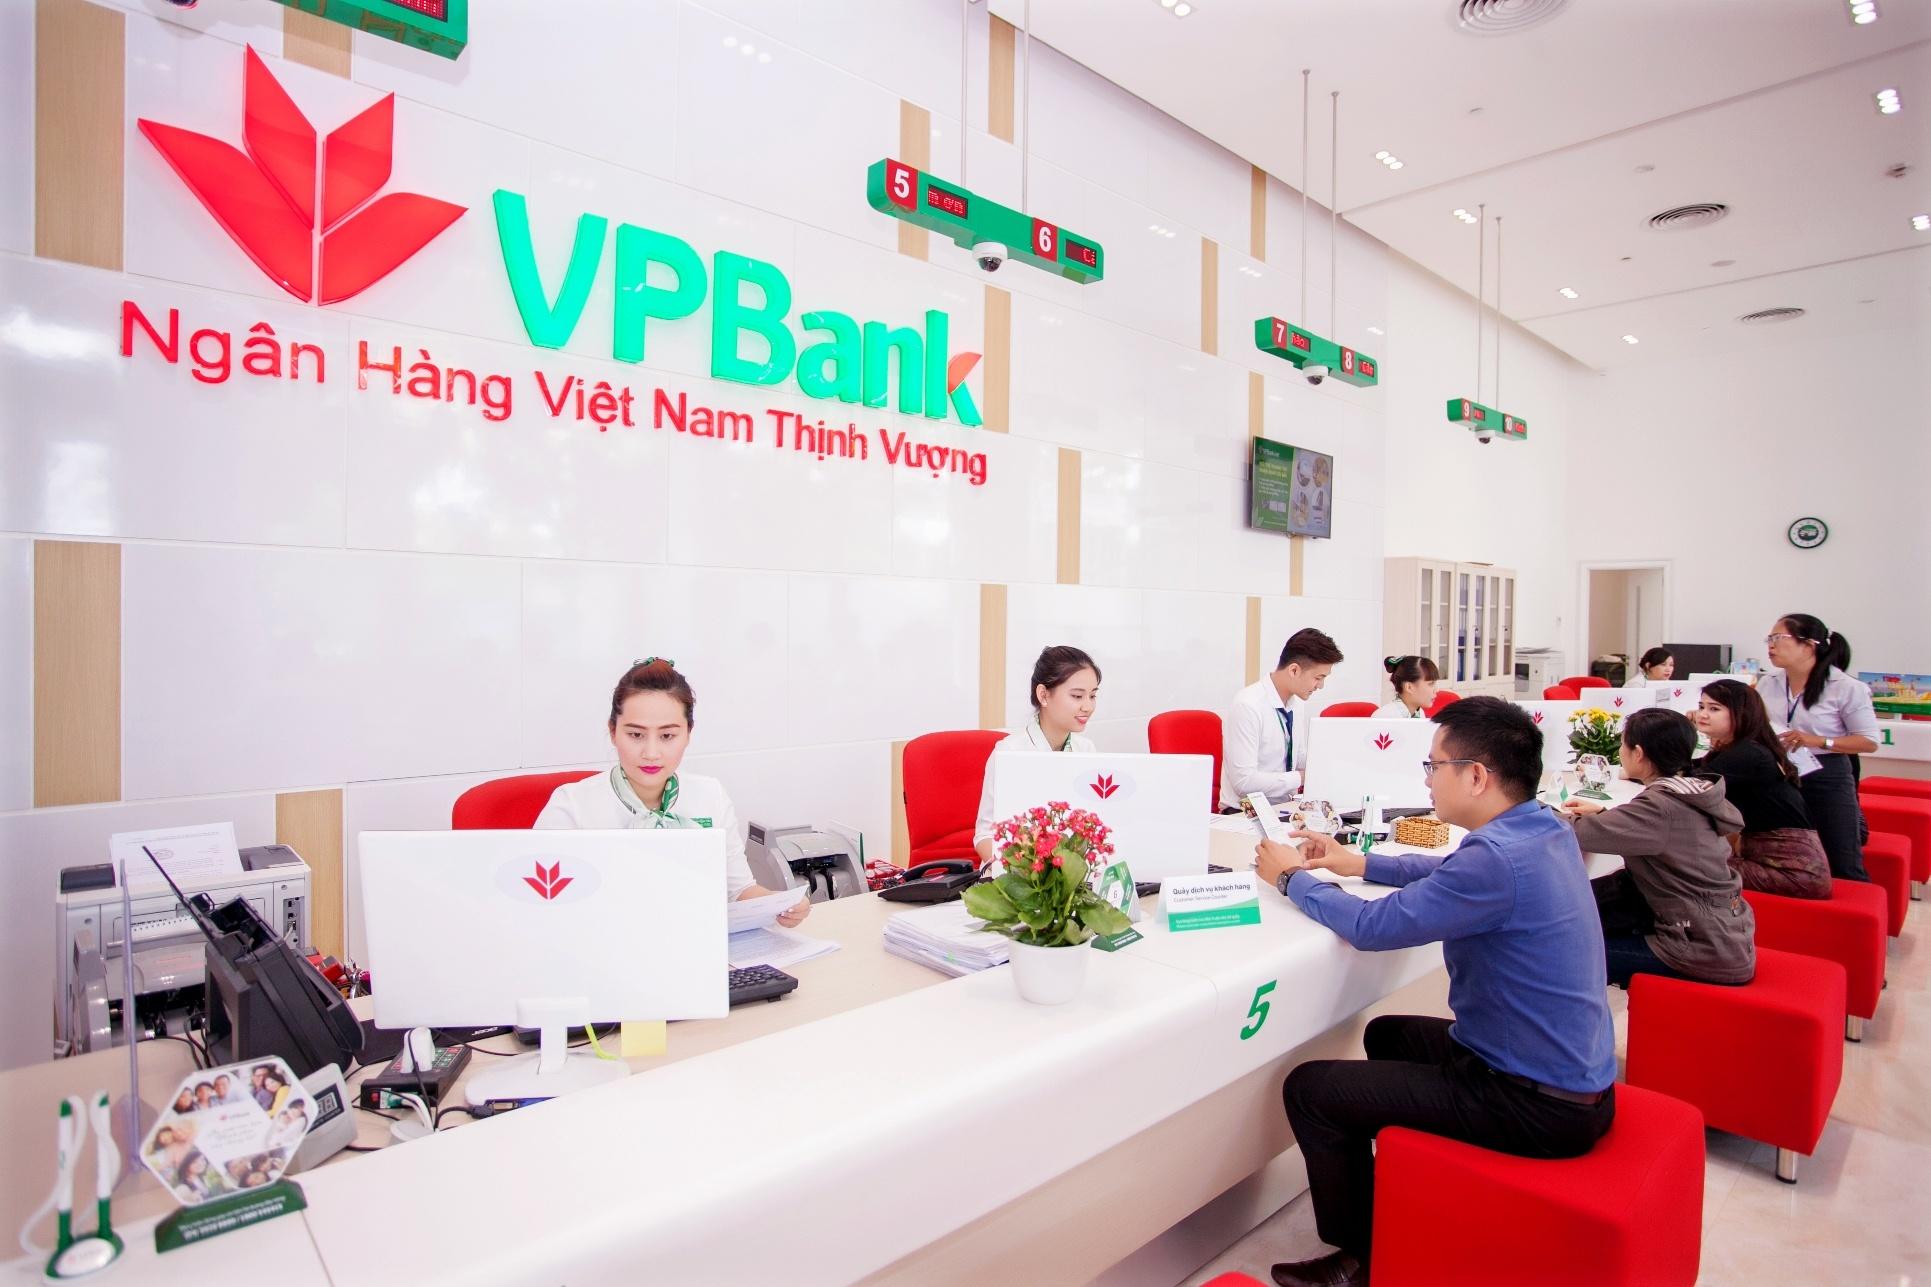 vpbank trong so it cac ngan hang co muc loi nhuan tren 10000 ty dong